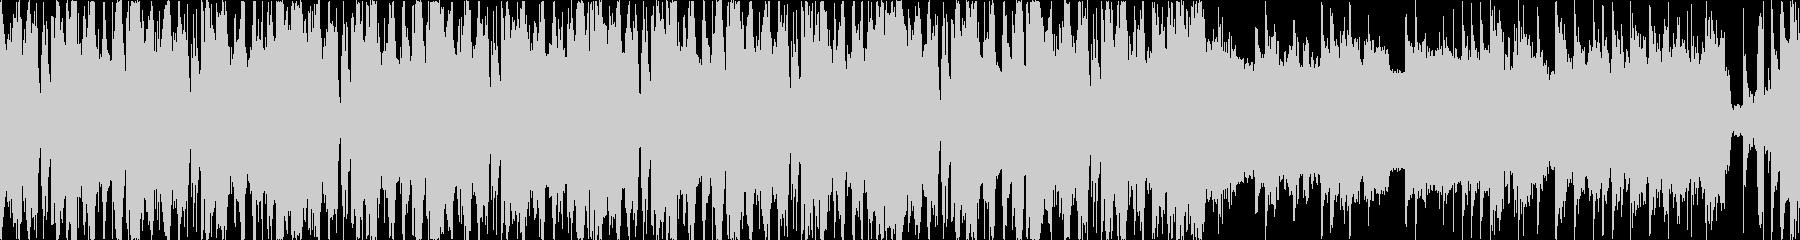 シンプル、お洒落、エレクトロ、Lの未再生の波形